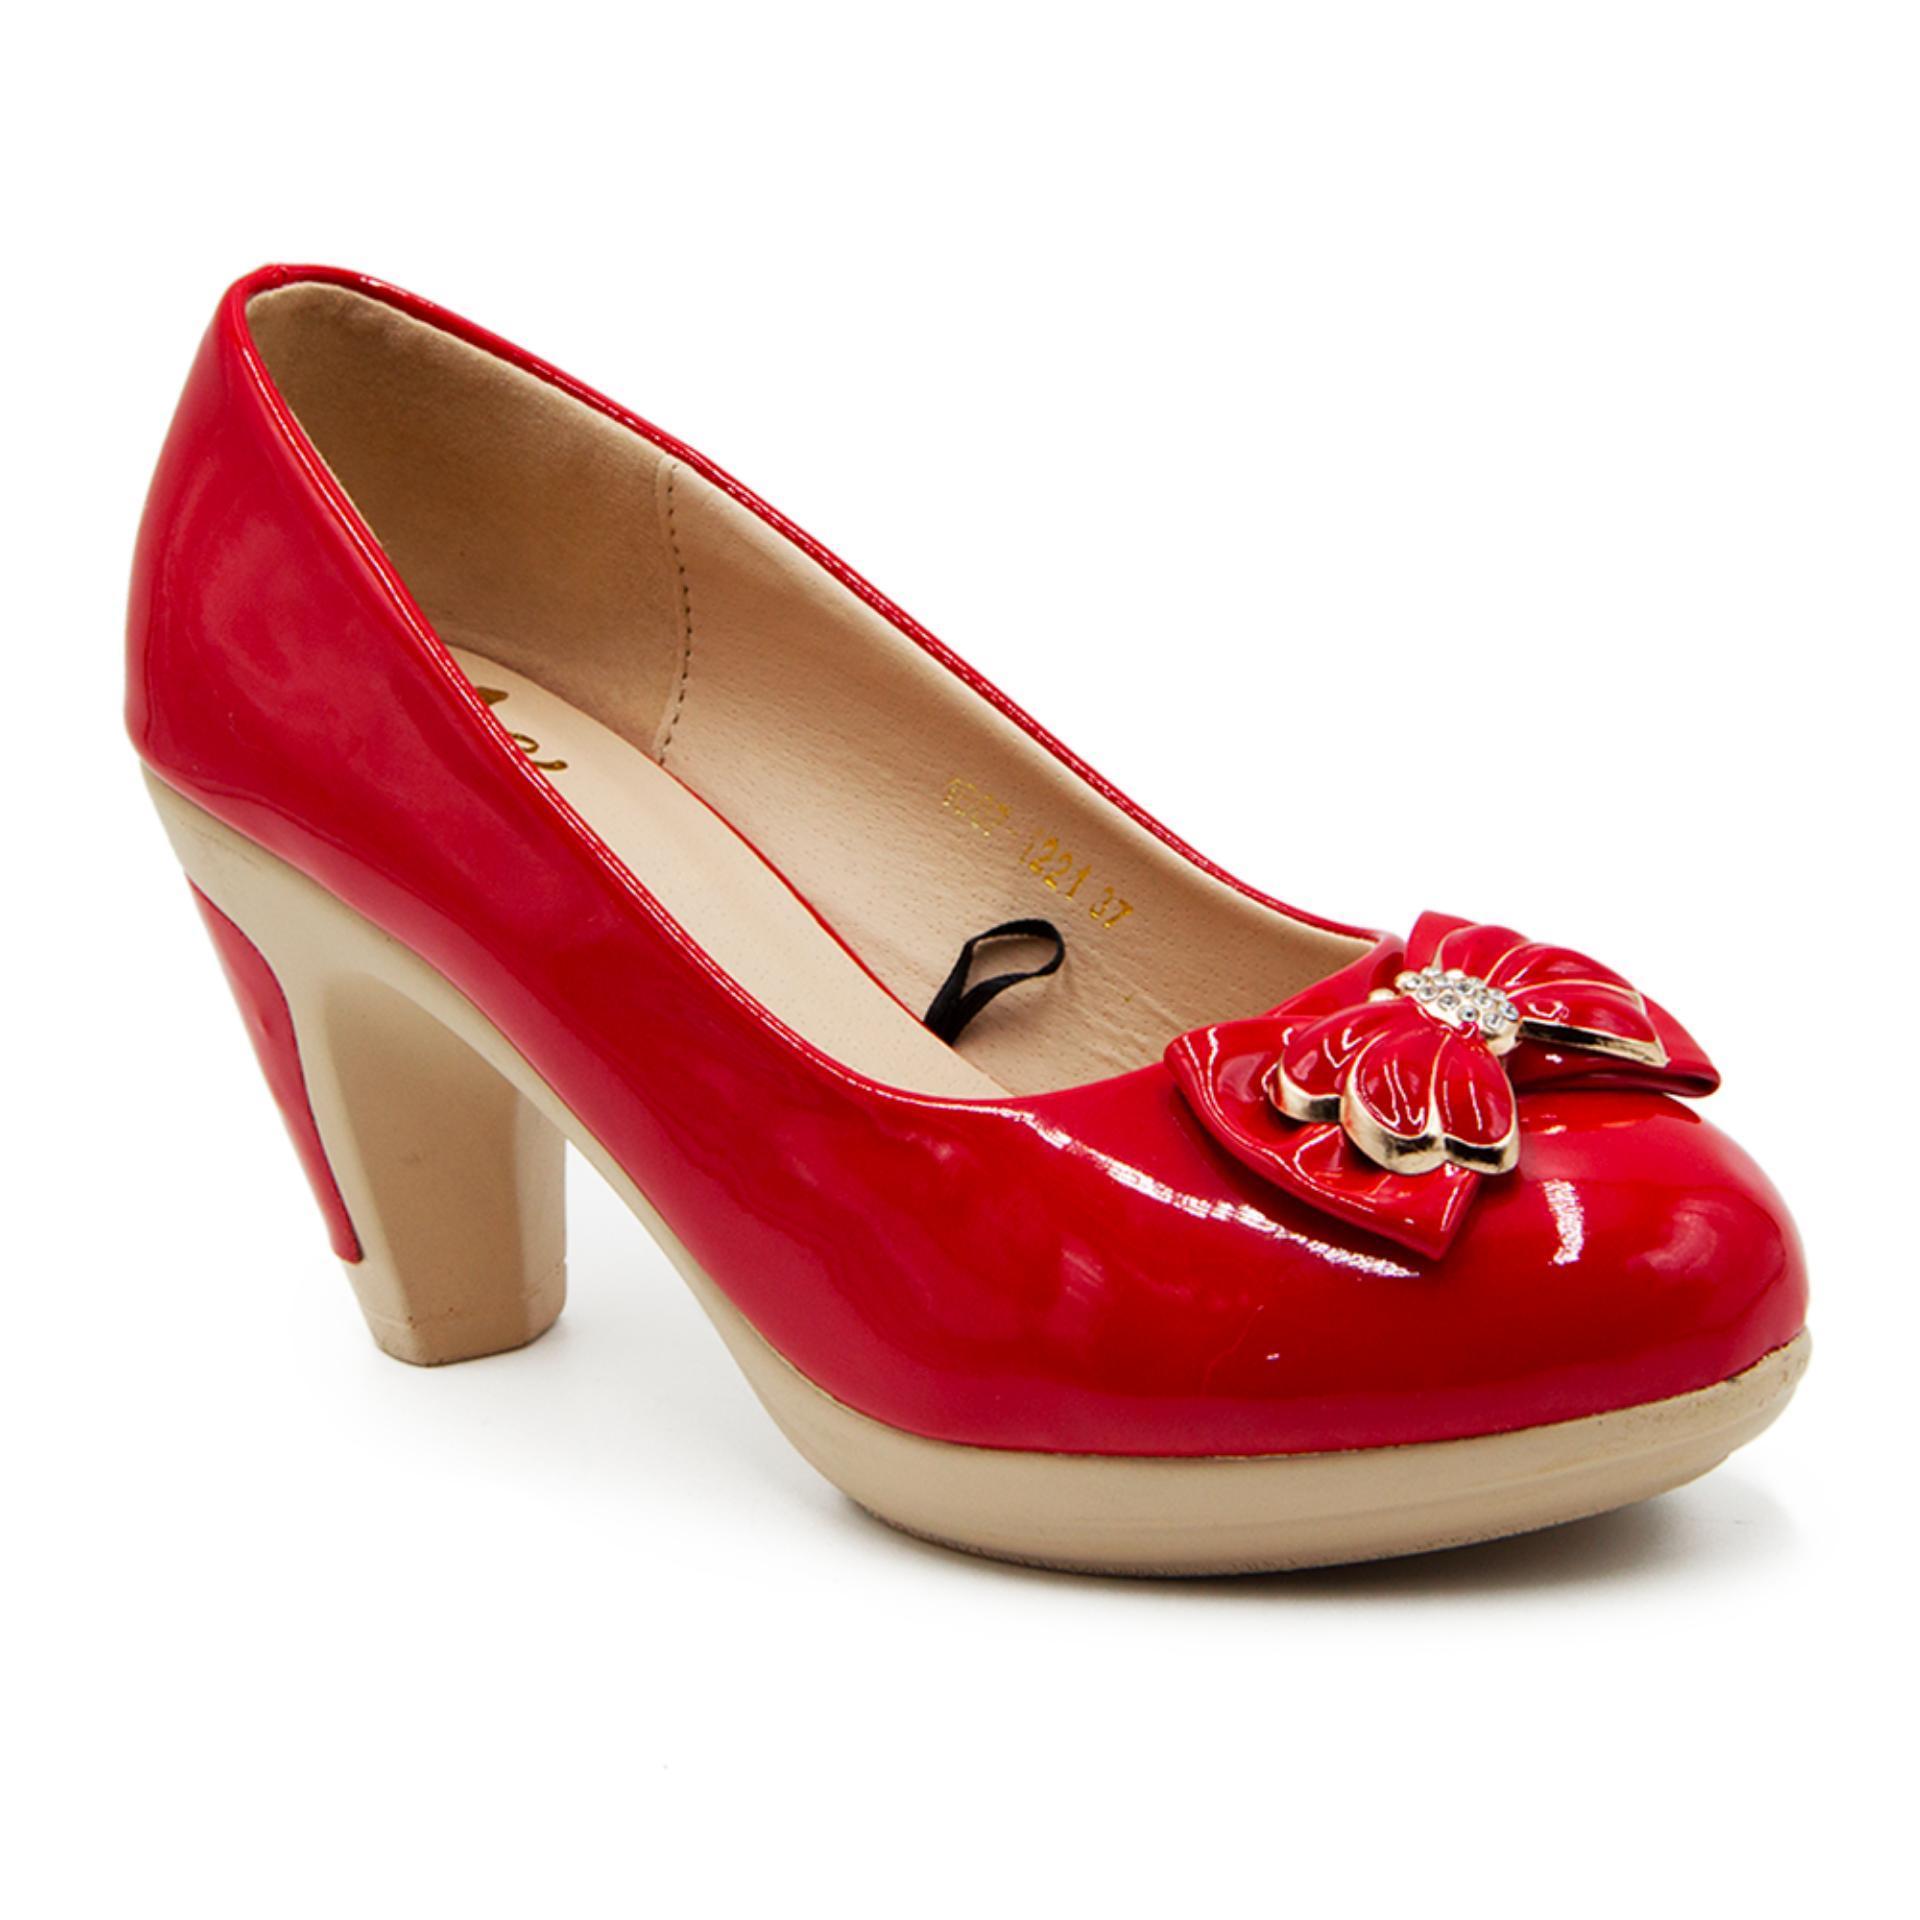 Situs Review Dea Sepatu Fantofel Wanita 1607 1221 Red